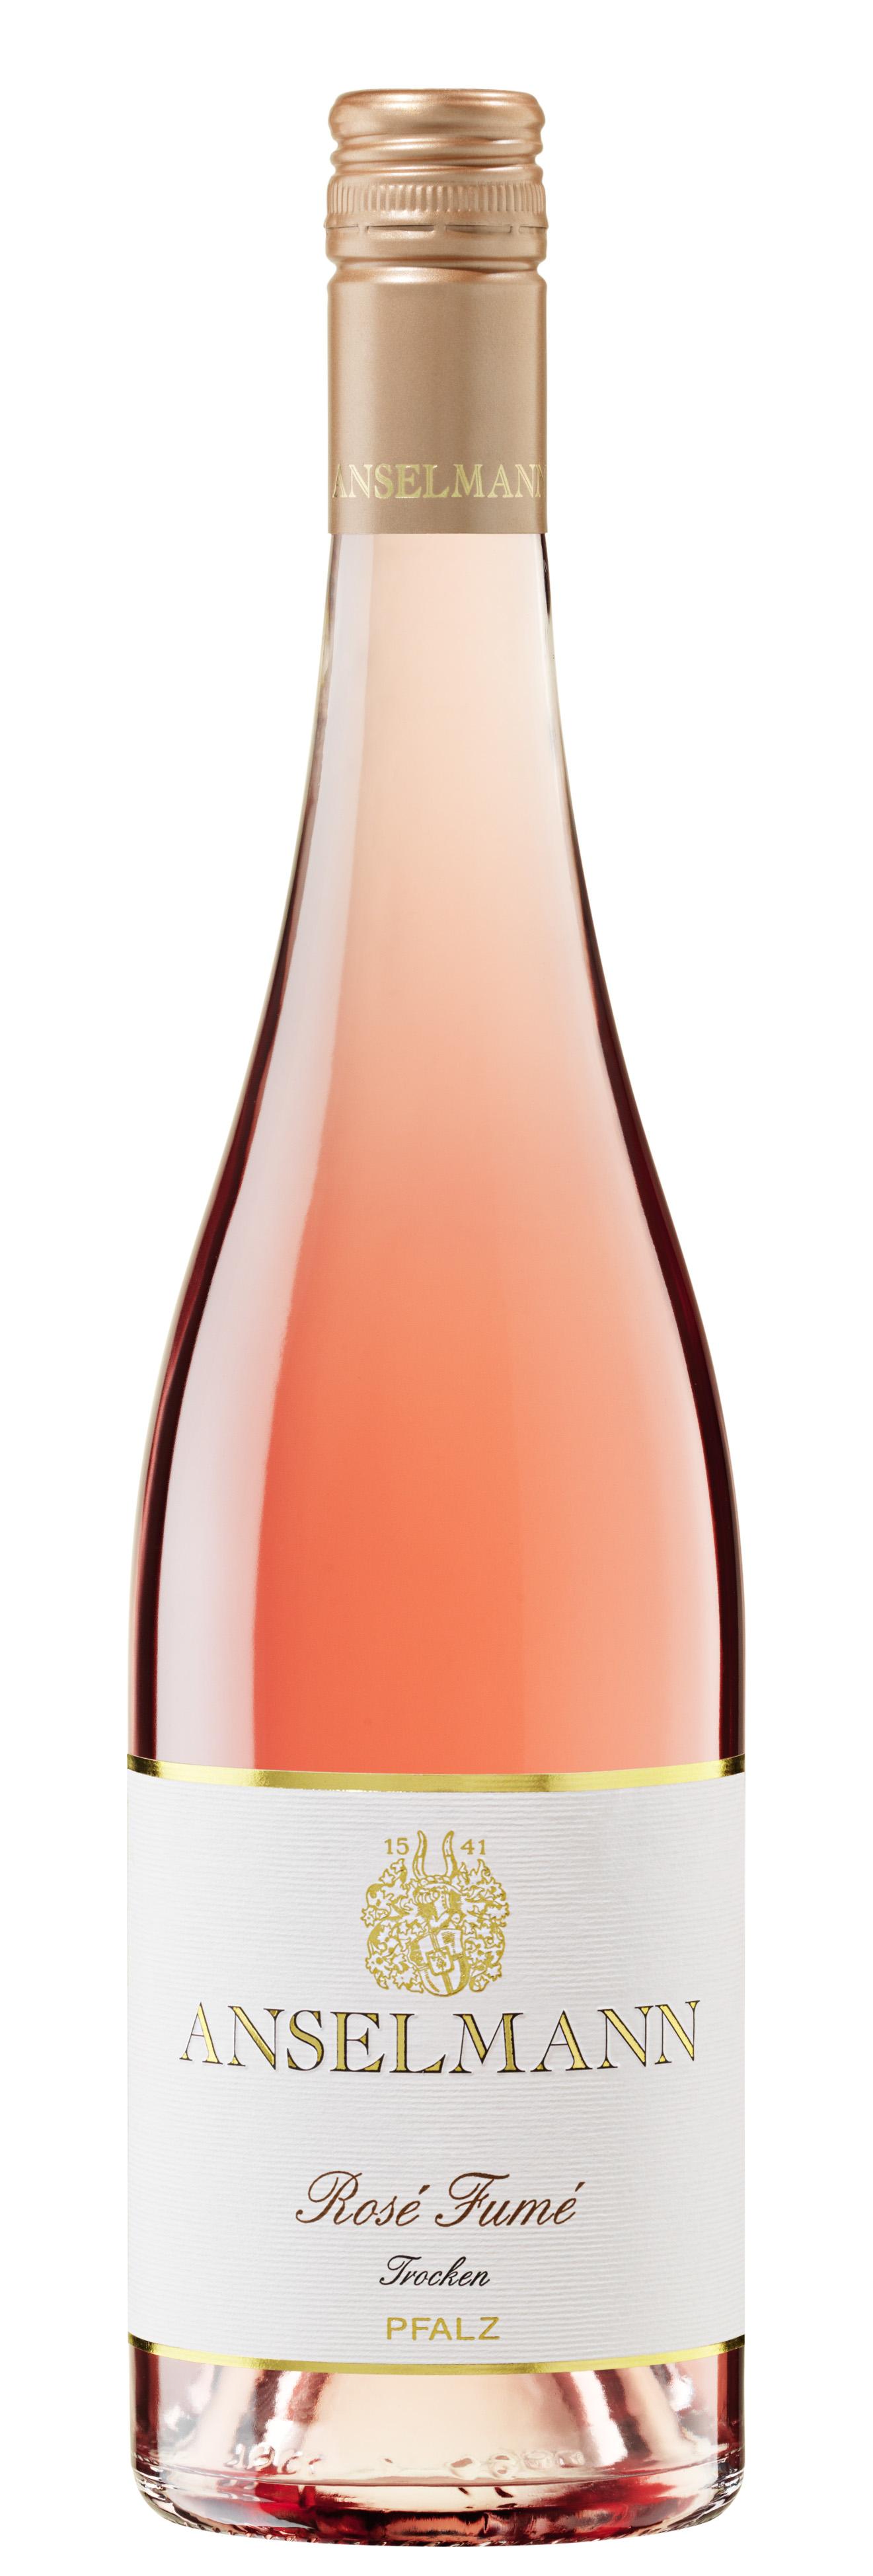 Rosé Fumé trocken